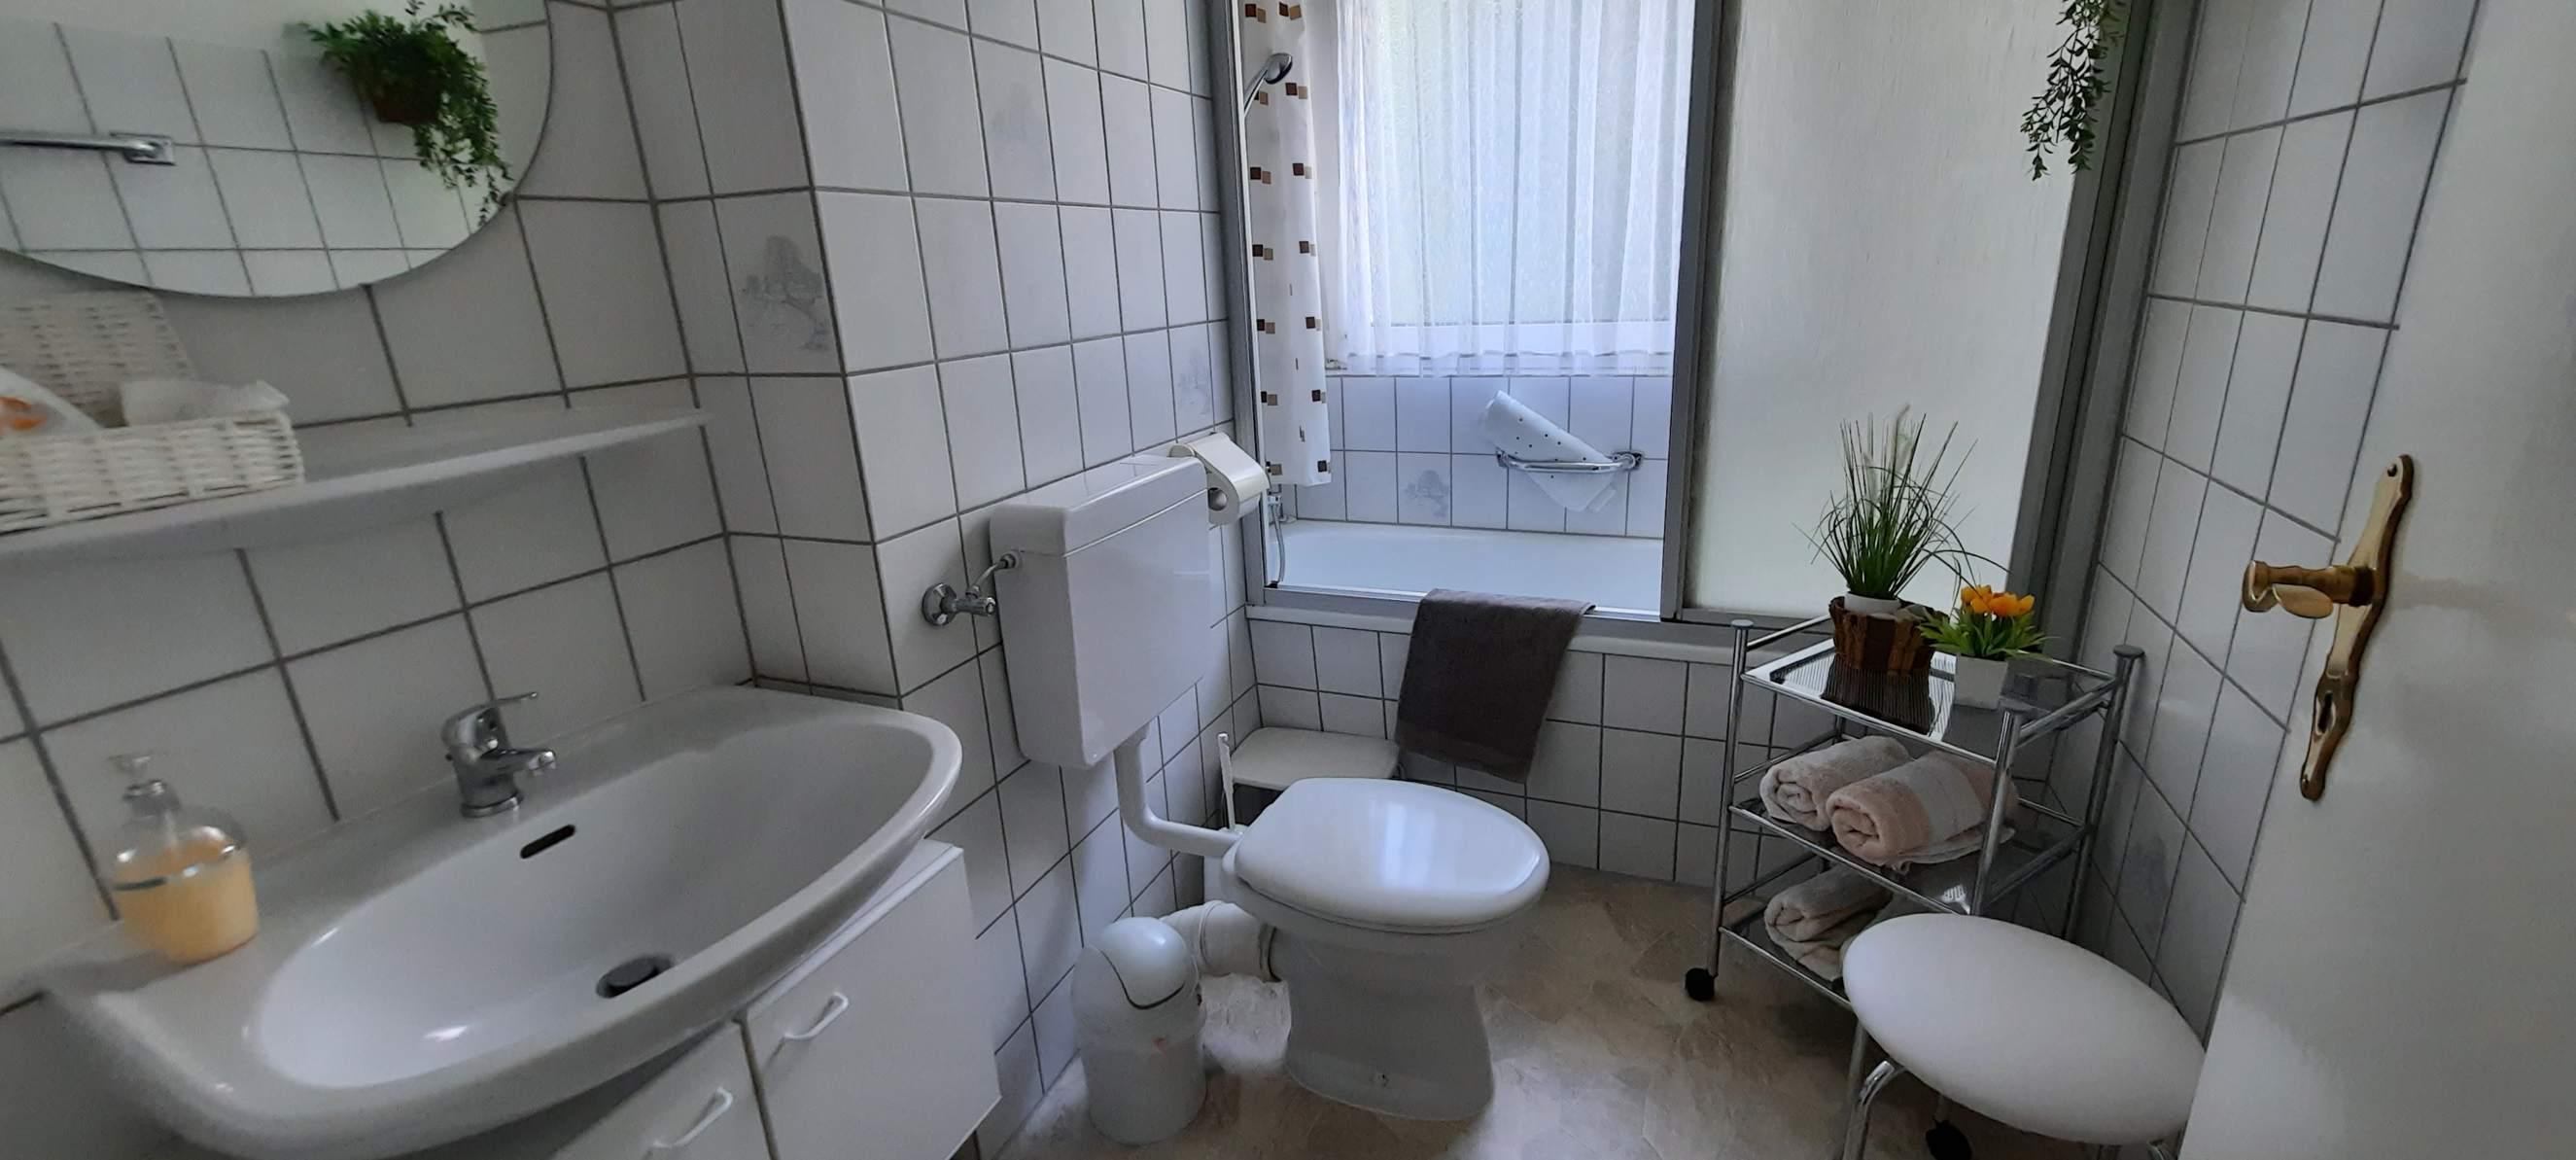 Ferienwohnungen am Birkenweg - Badezimmer